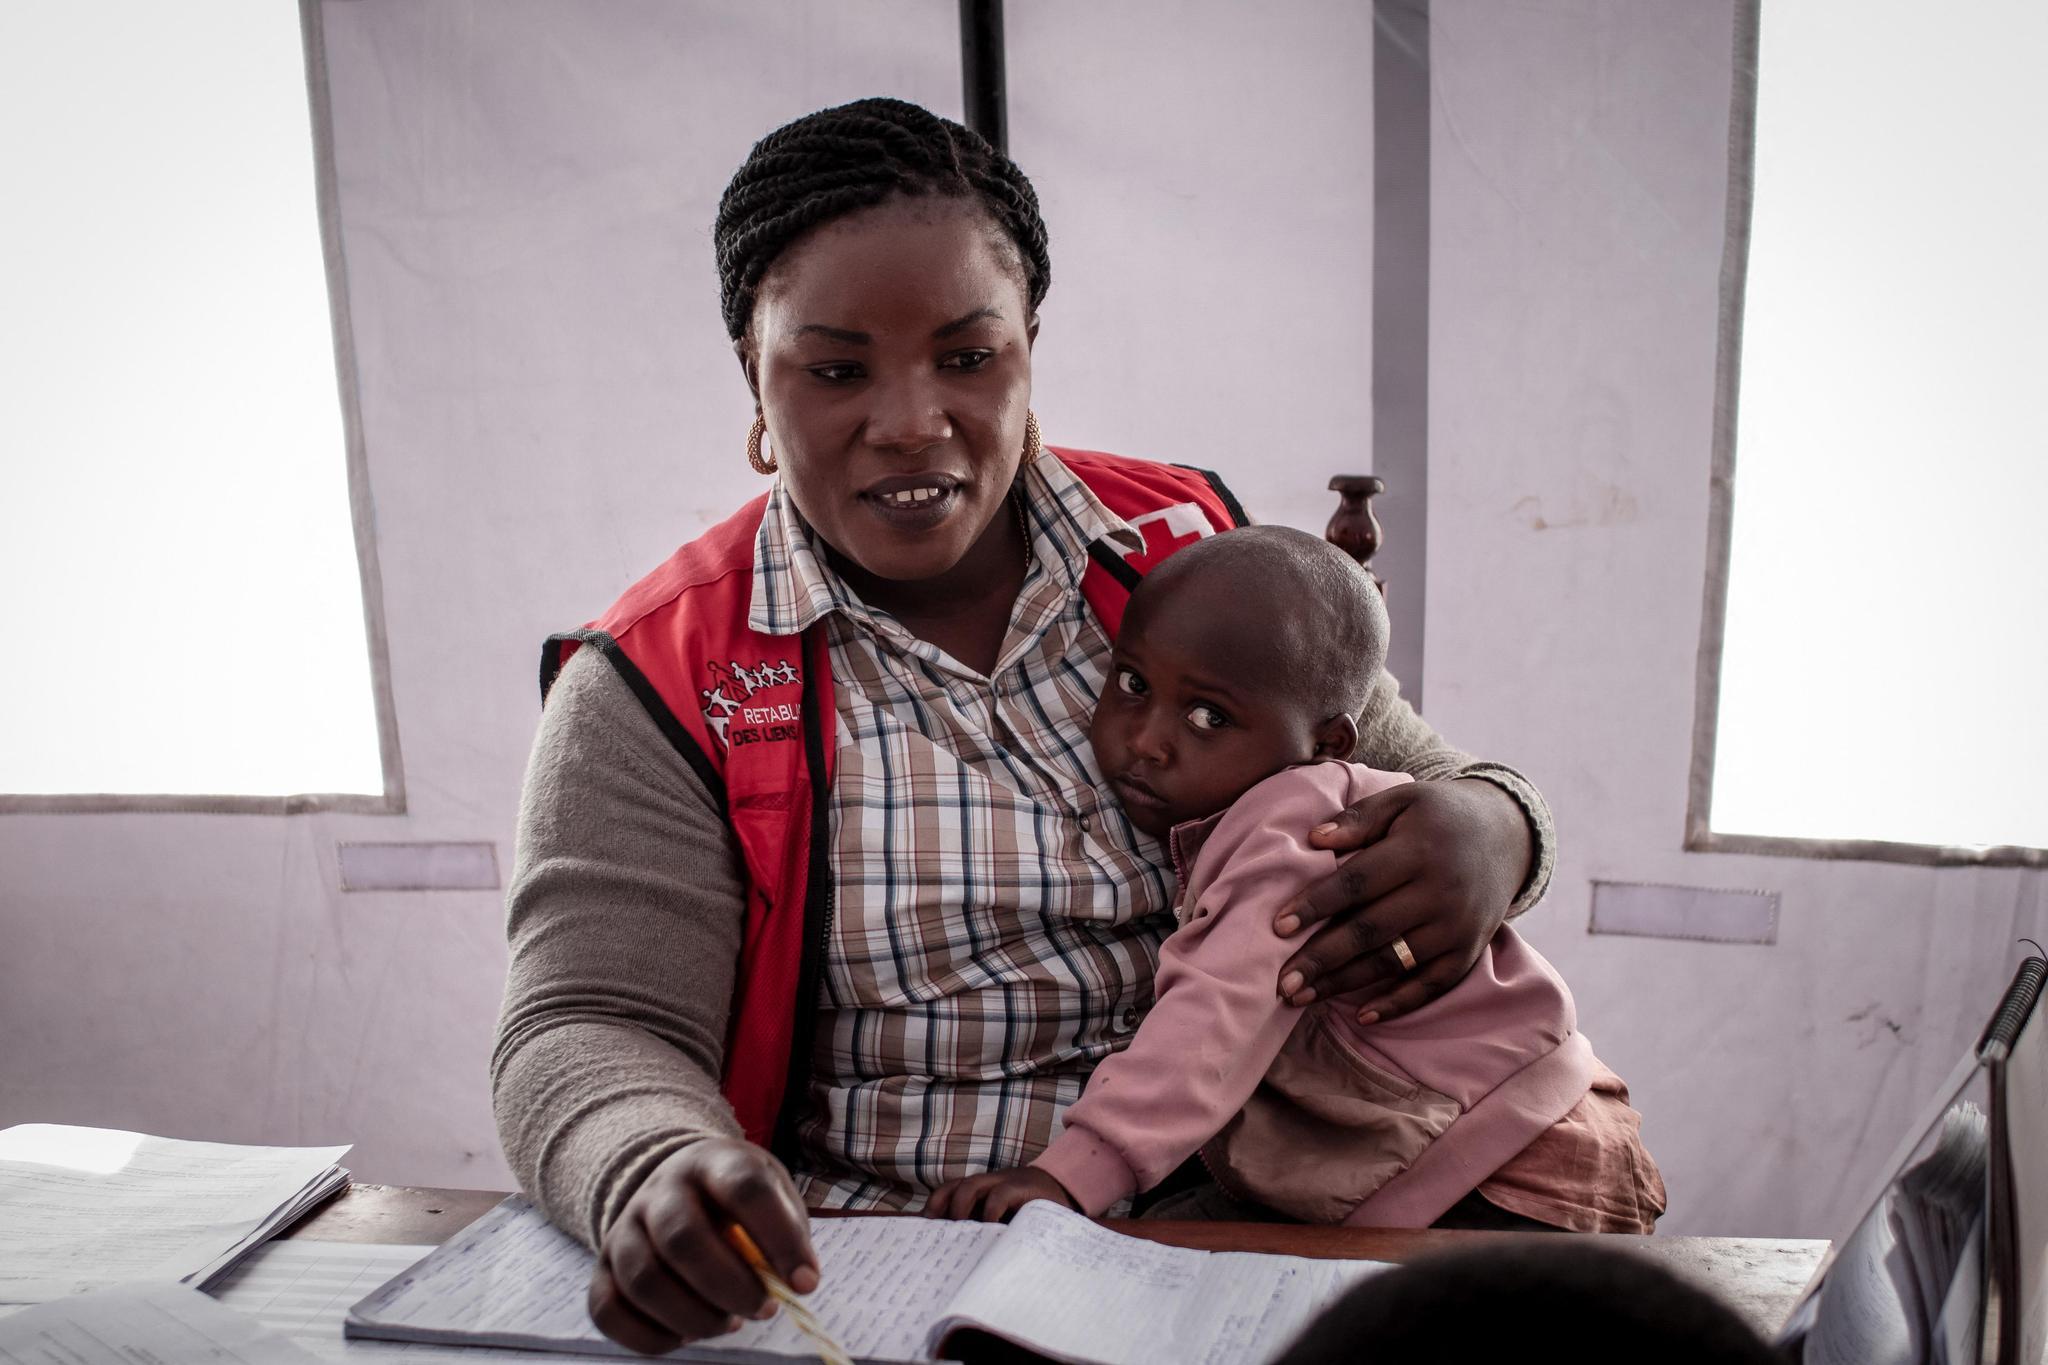 Baraka Bahati, 3ans, dans les bras d'une volontaire de la Croix-Rouge à Minova, le 2juin 2021, après avoir perdu ses parents à Goma.